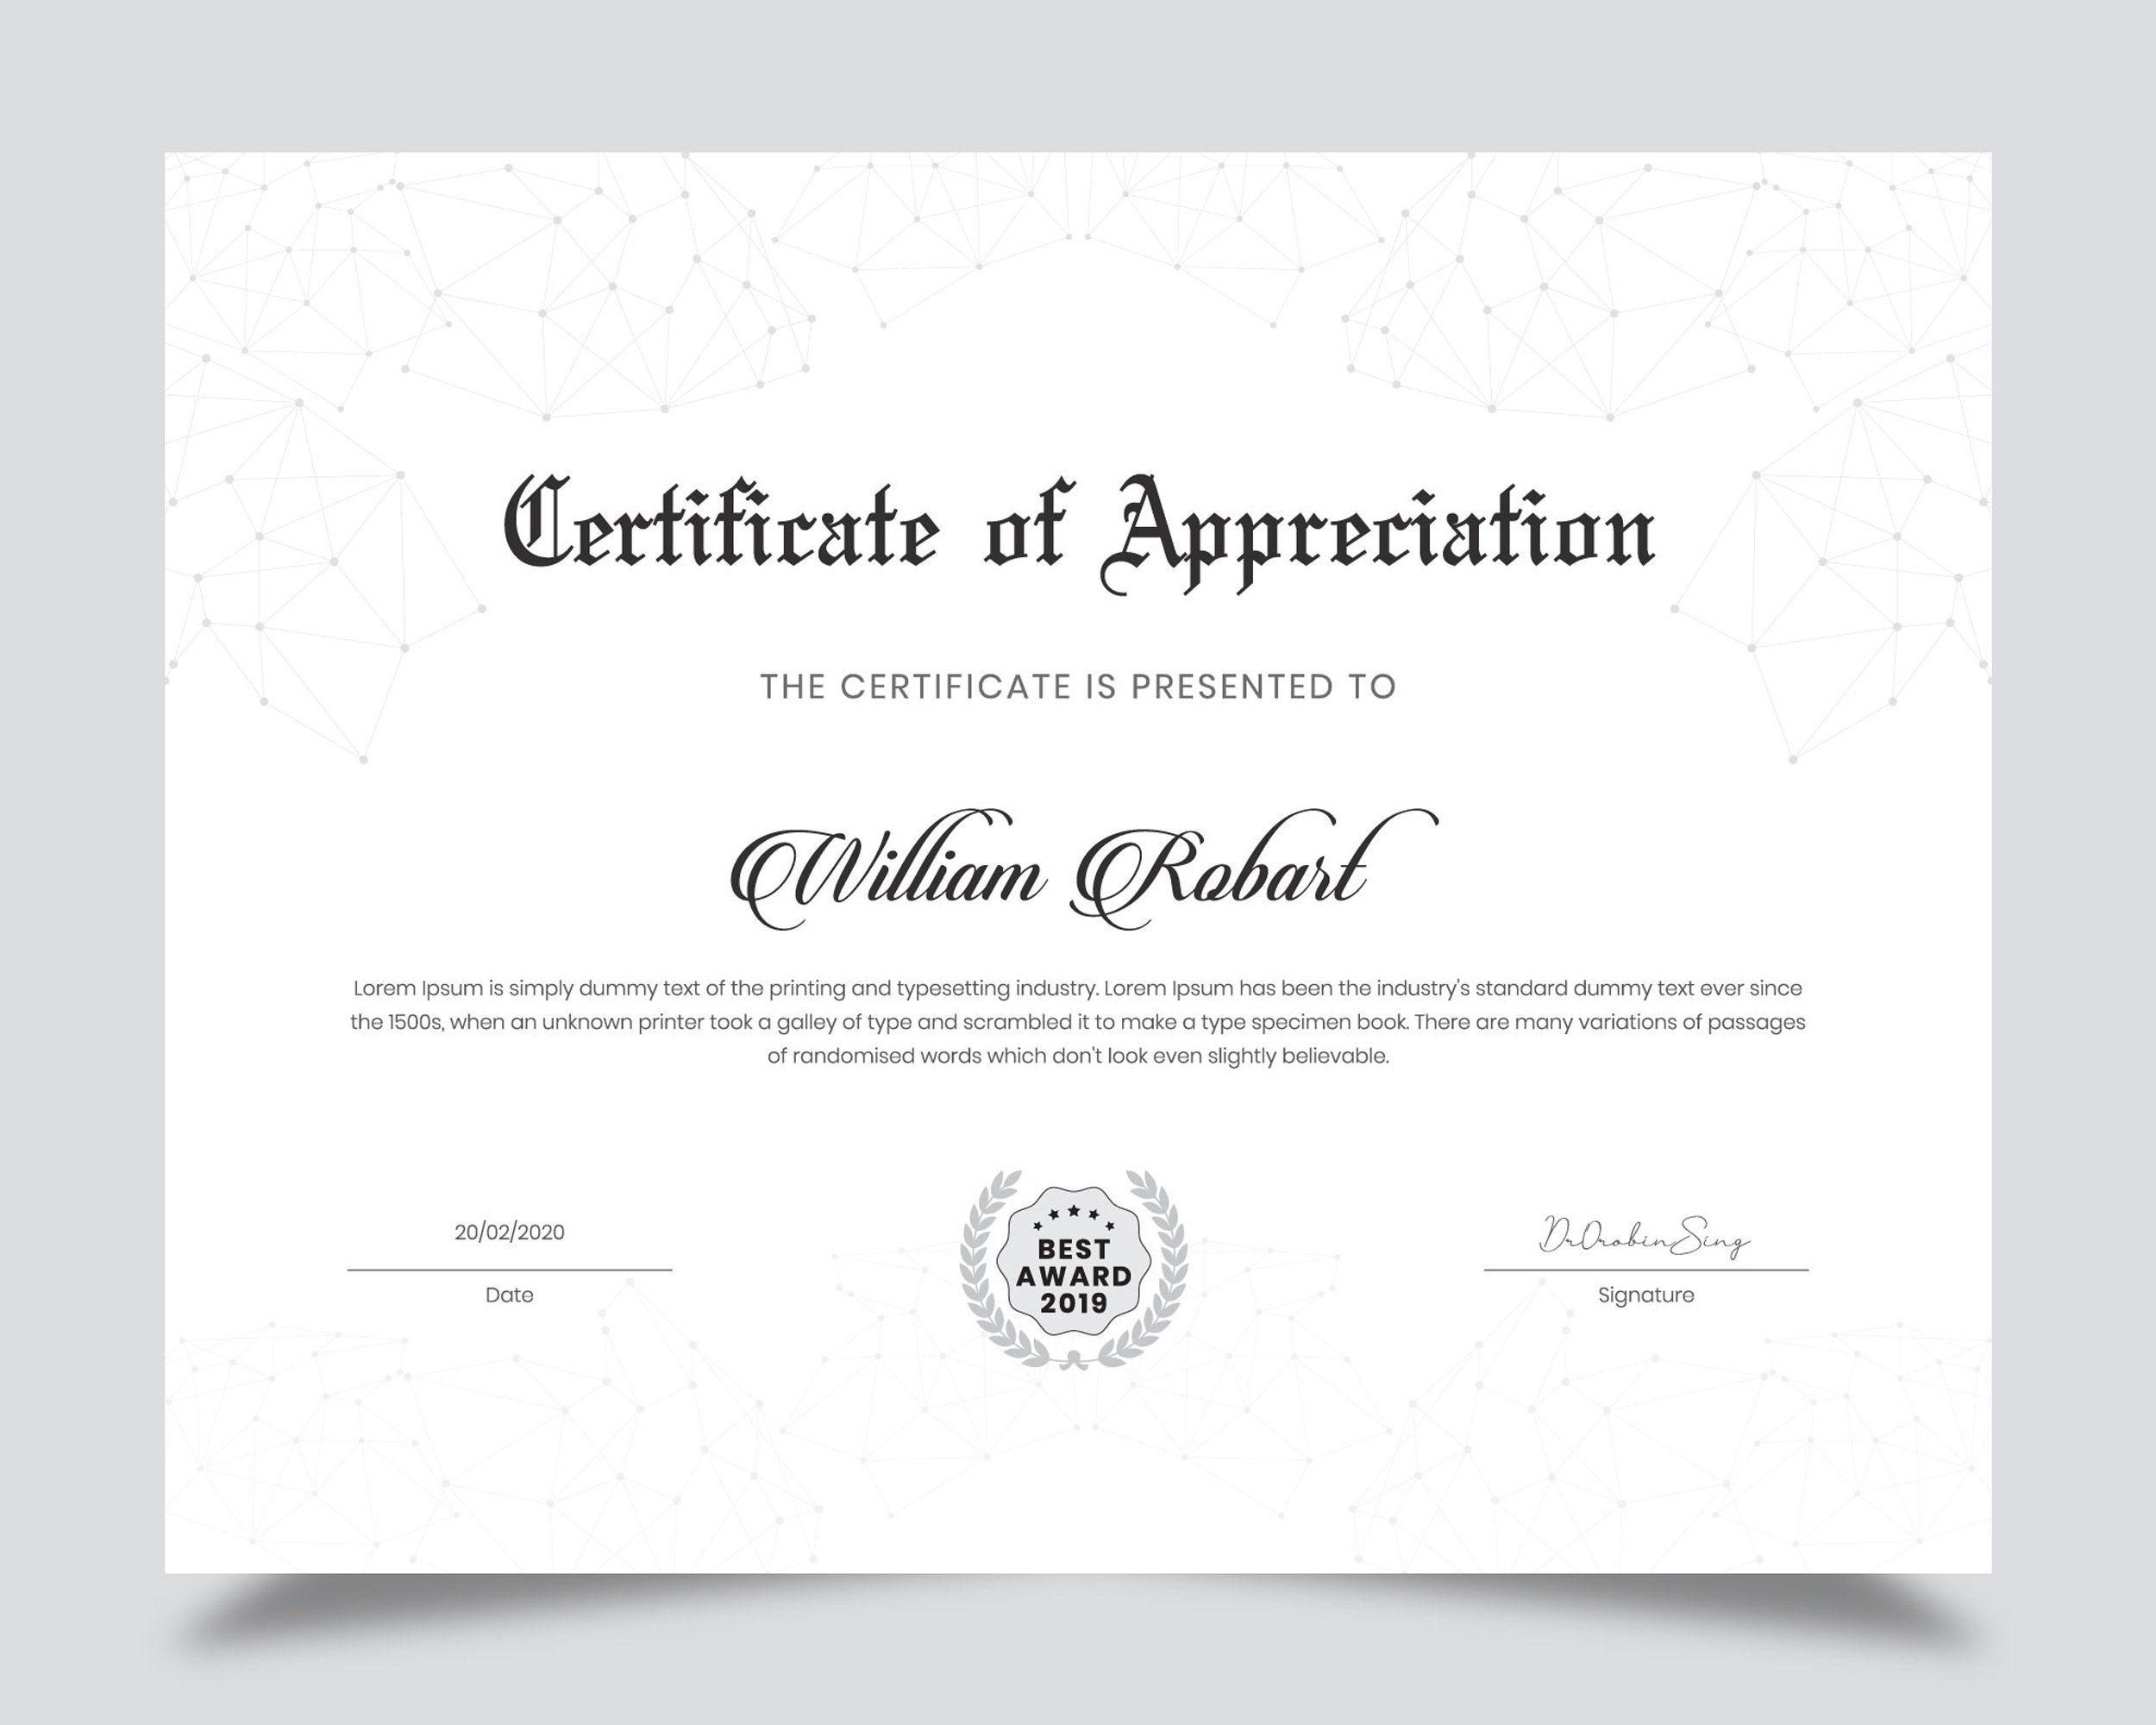 Minimal Certificate Template In 2020 Certificate Design Certificate Templates Certificate Layout